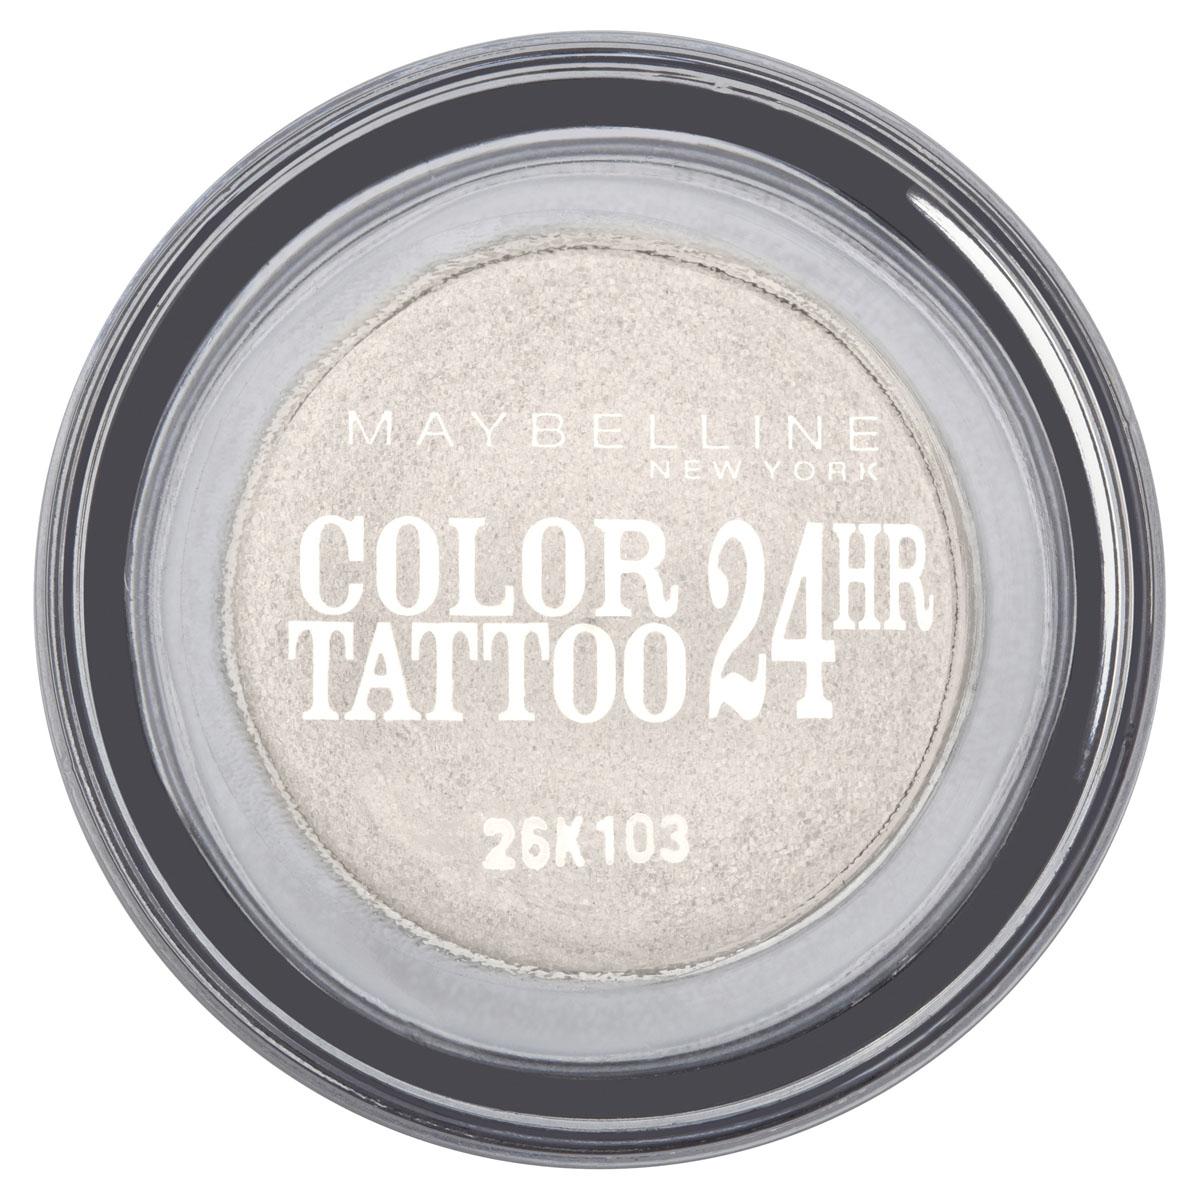 Maybelline New York Тени для век Color Tattoo 24 часа, оттенок 45, Бесконечно белый, 4 млB1949800Технология тату-пигментов создает яркий, супернасыщенный цвет. Крем-гелевая текстура обеспечивает ультралегкое нанесение и стойкость на 24 часа. 12 оттенков